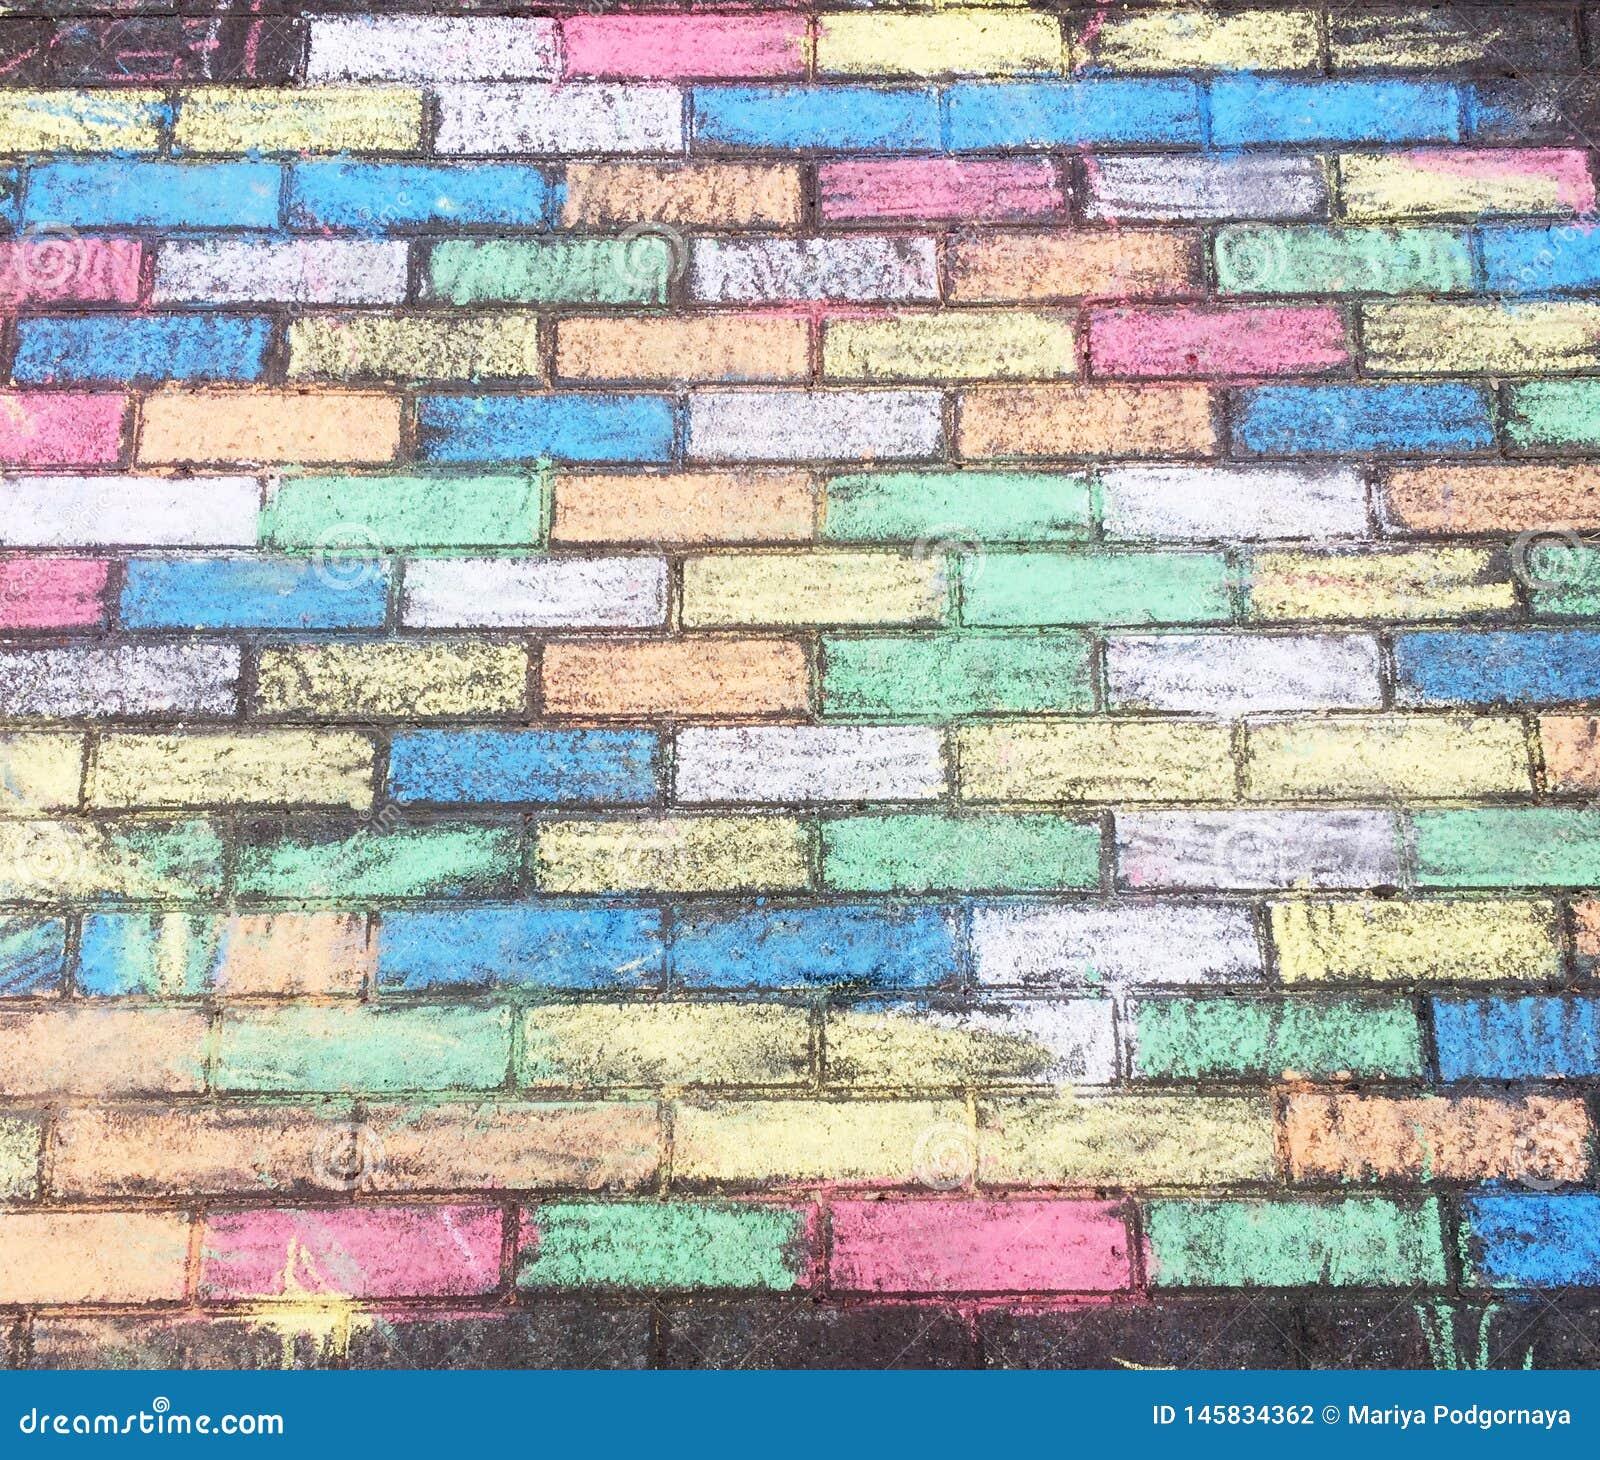 Kolorowa kreda brukowe cegiełki tworzył dziećmi z pastelowymi kolorami